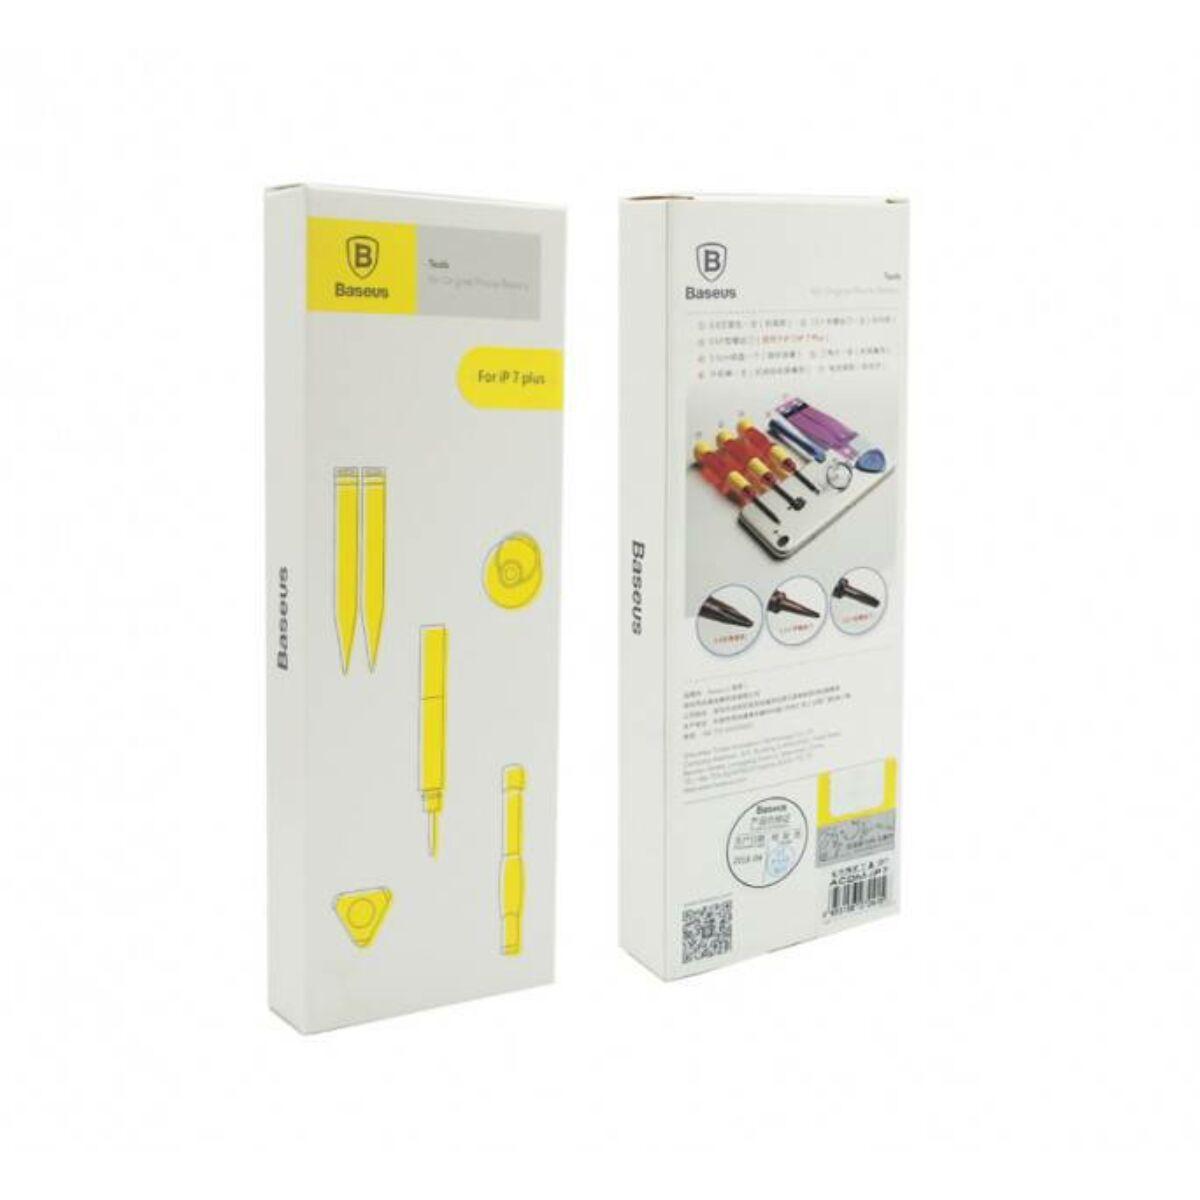 Baseus akkumulátor eltávolító szett iPhone 7 Plus-hoz (ACDM-IP7P)